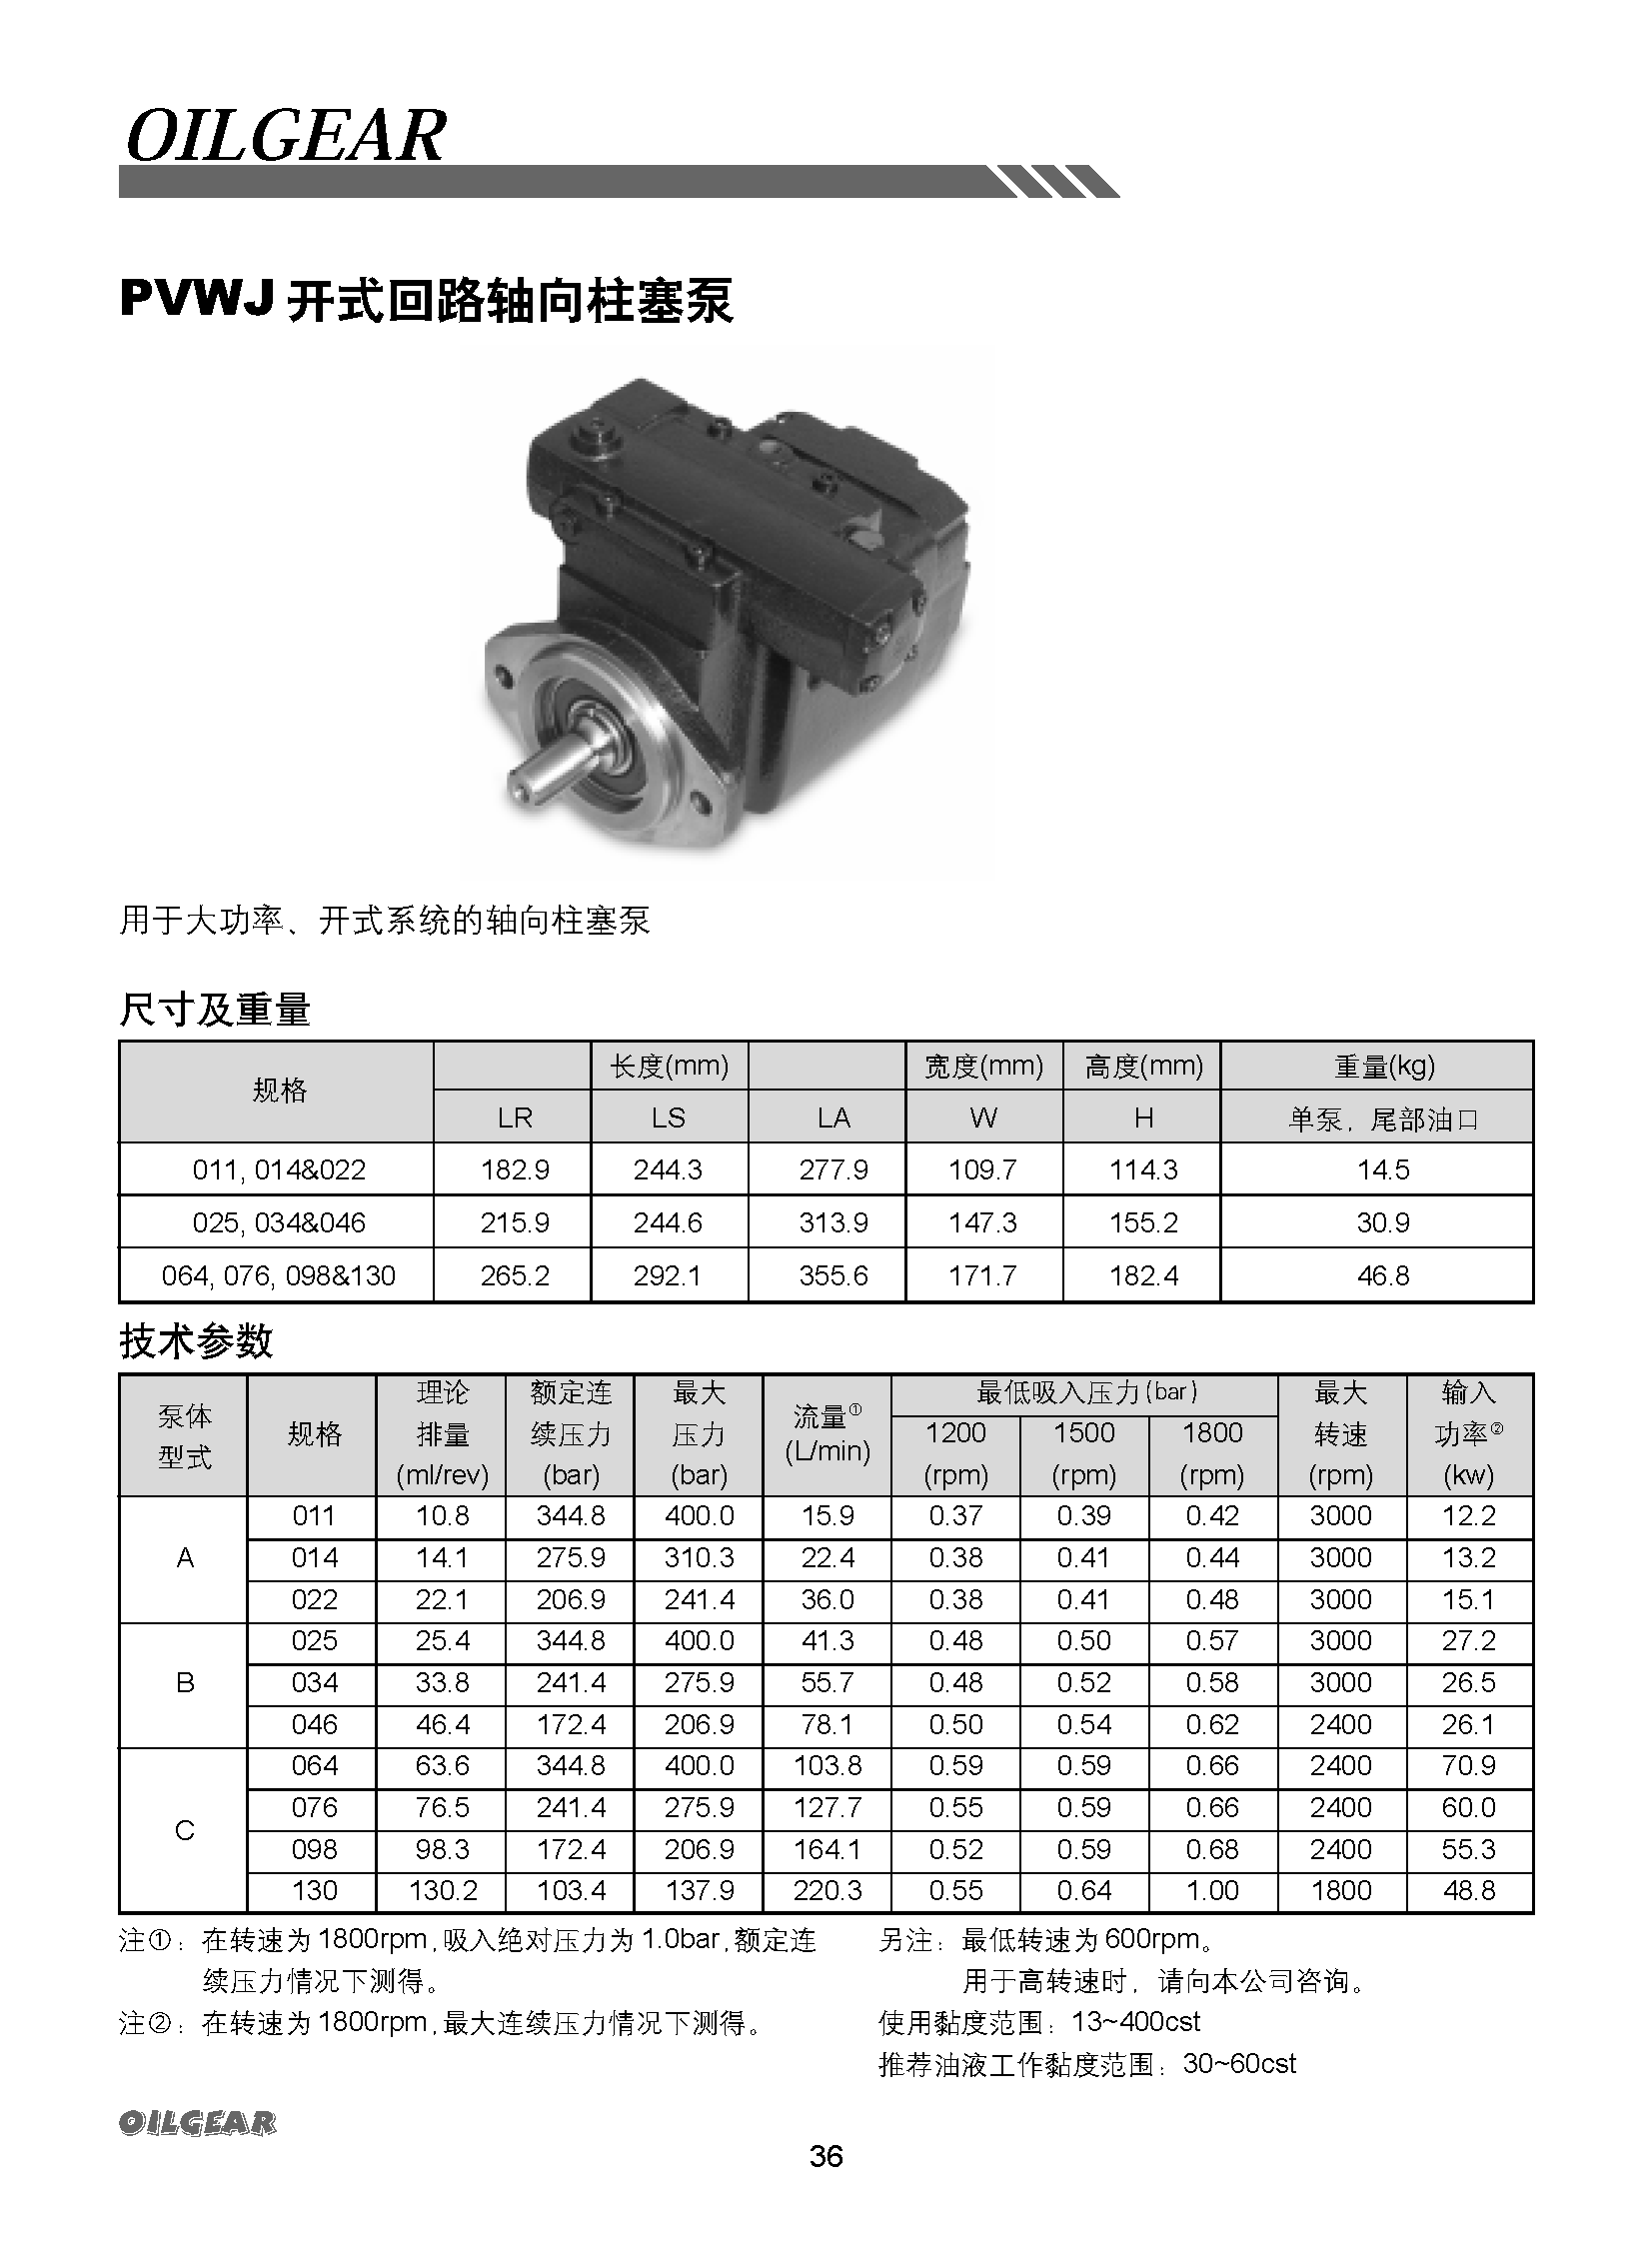 美国奥盖尔 pvwj系列柱塞泵pvwj-076-a1uv-rsay-p-中